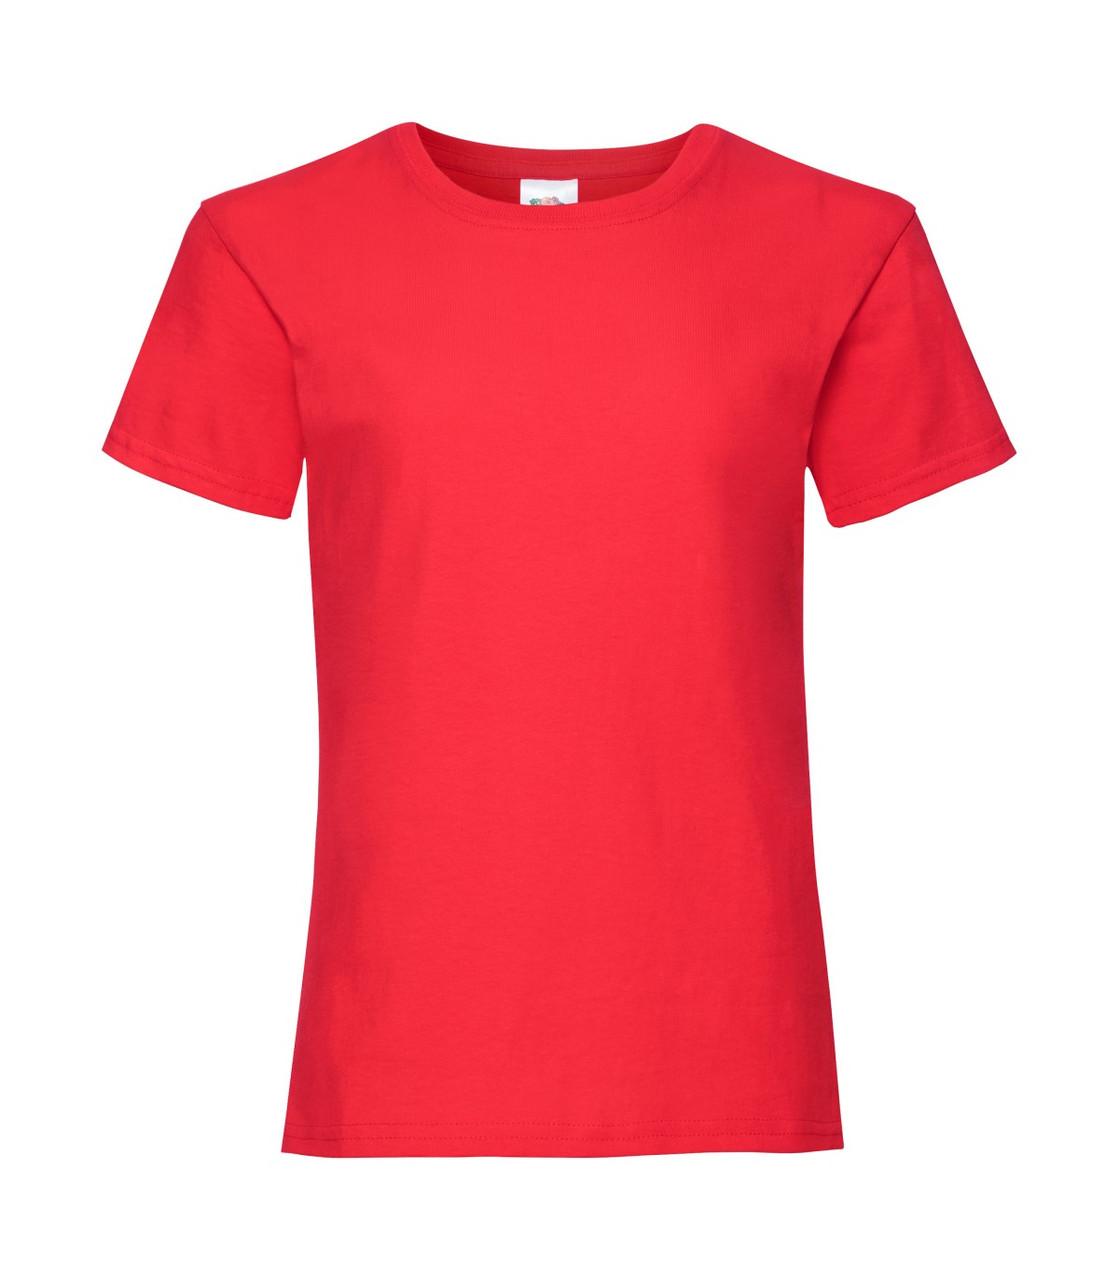 Футболка для дівчаток бавовна червона 017-40